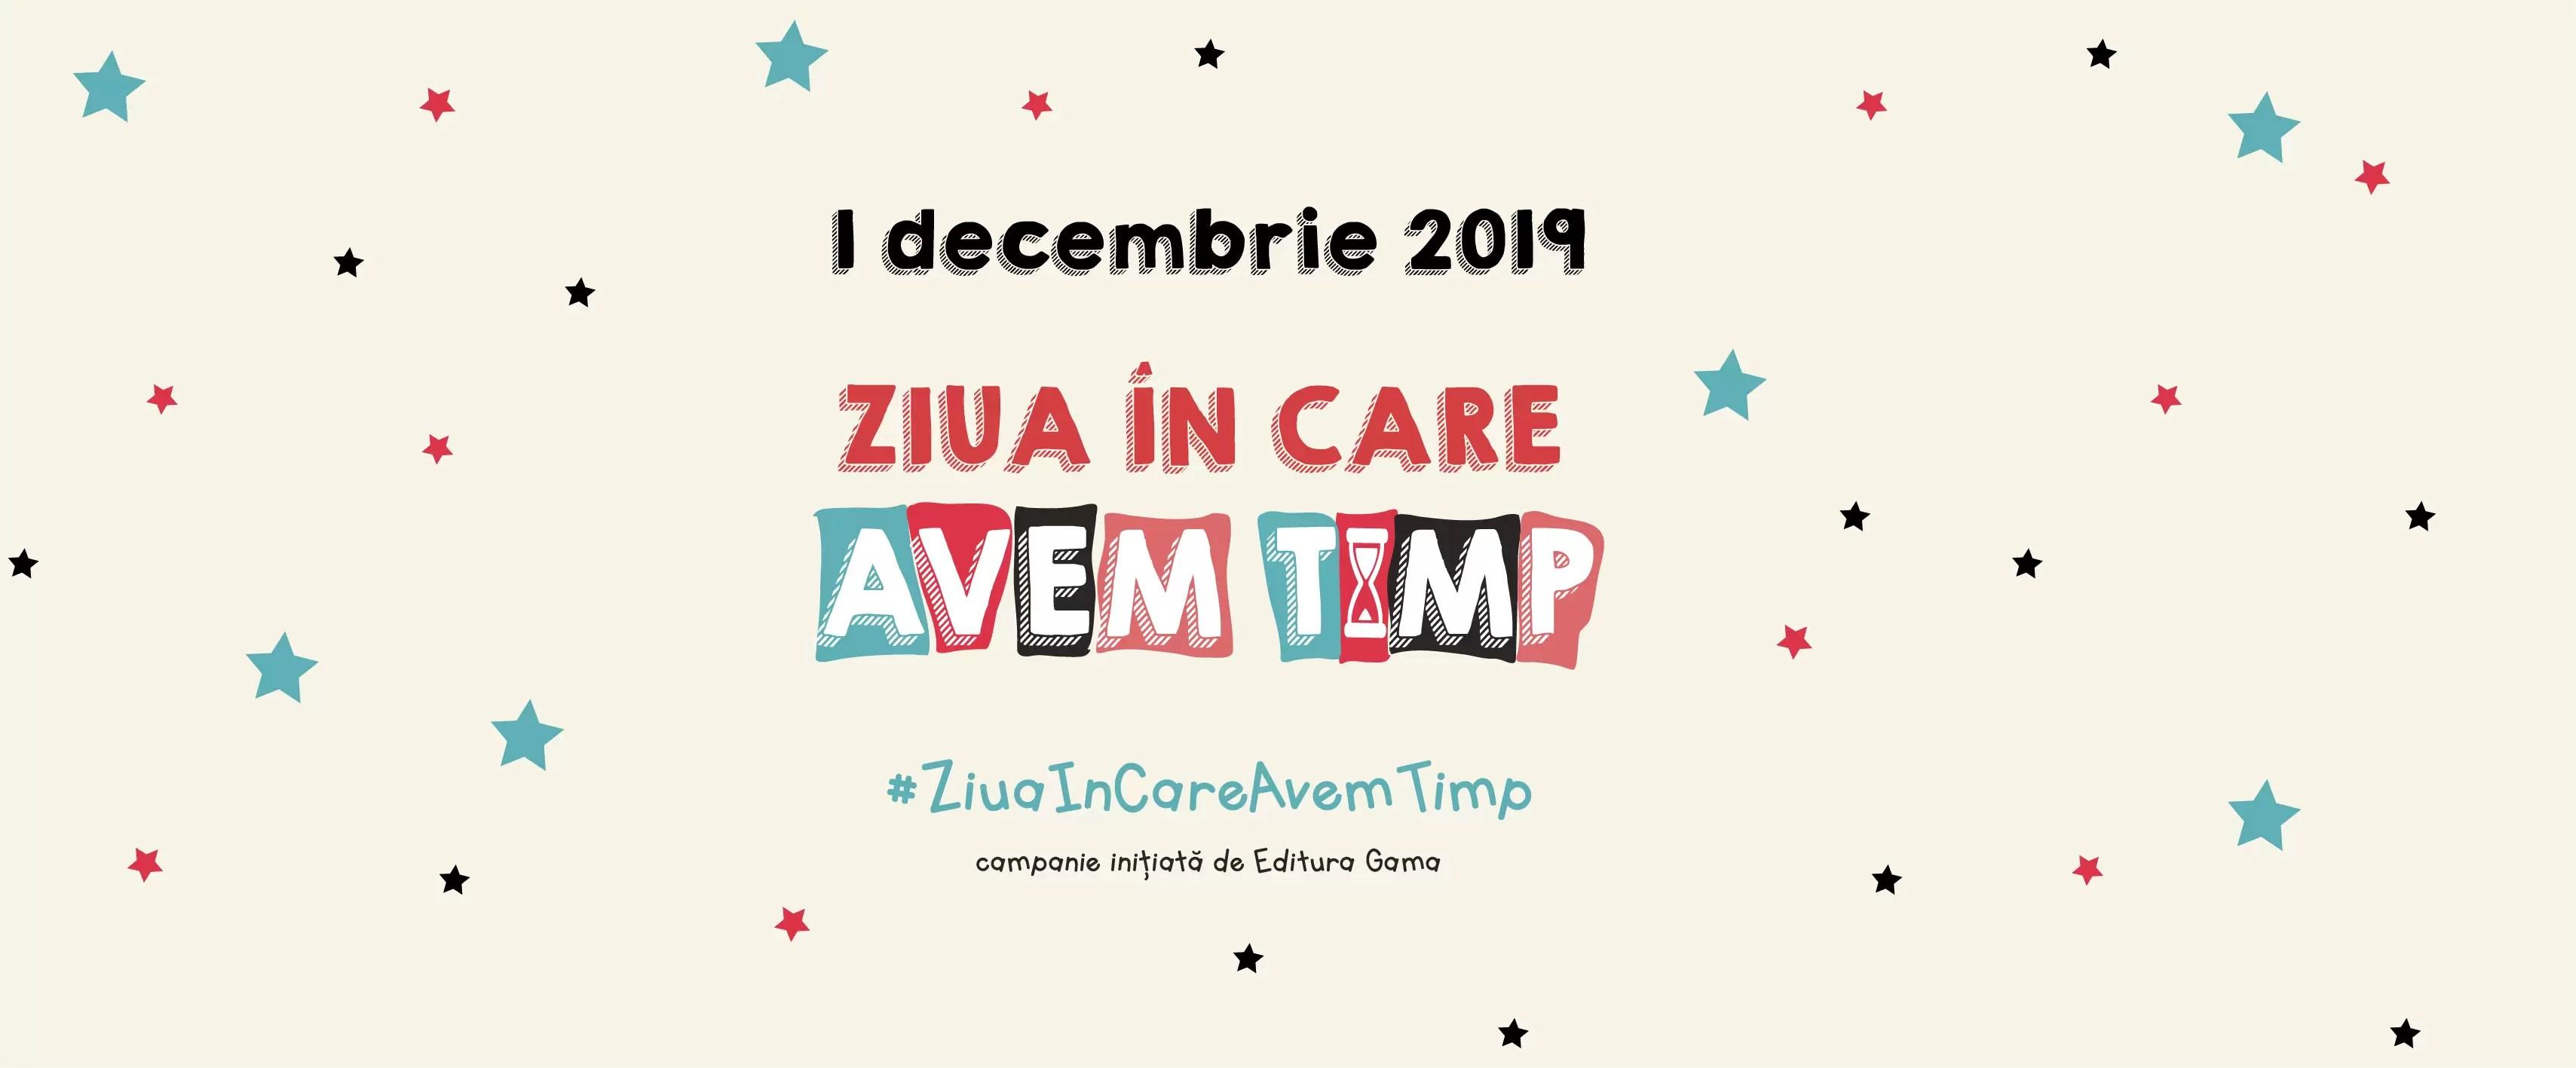 Campania Ziua În care avem timp revine pe 1 decembrie 2019